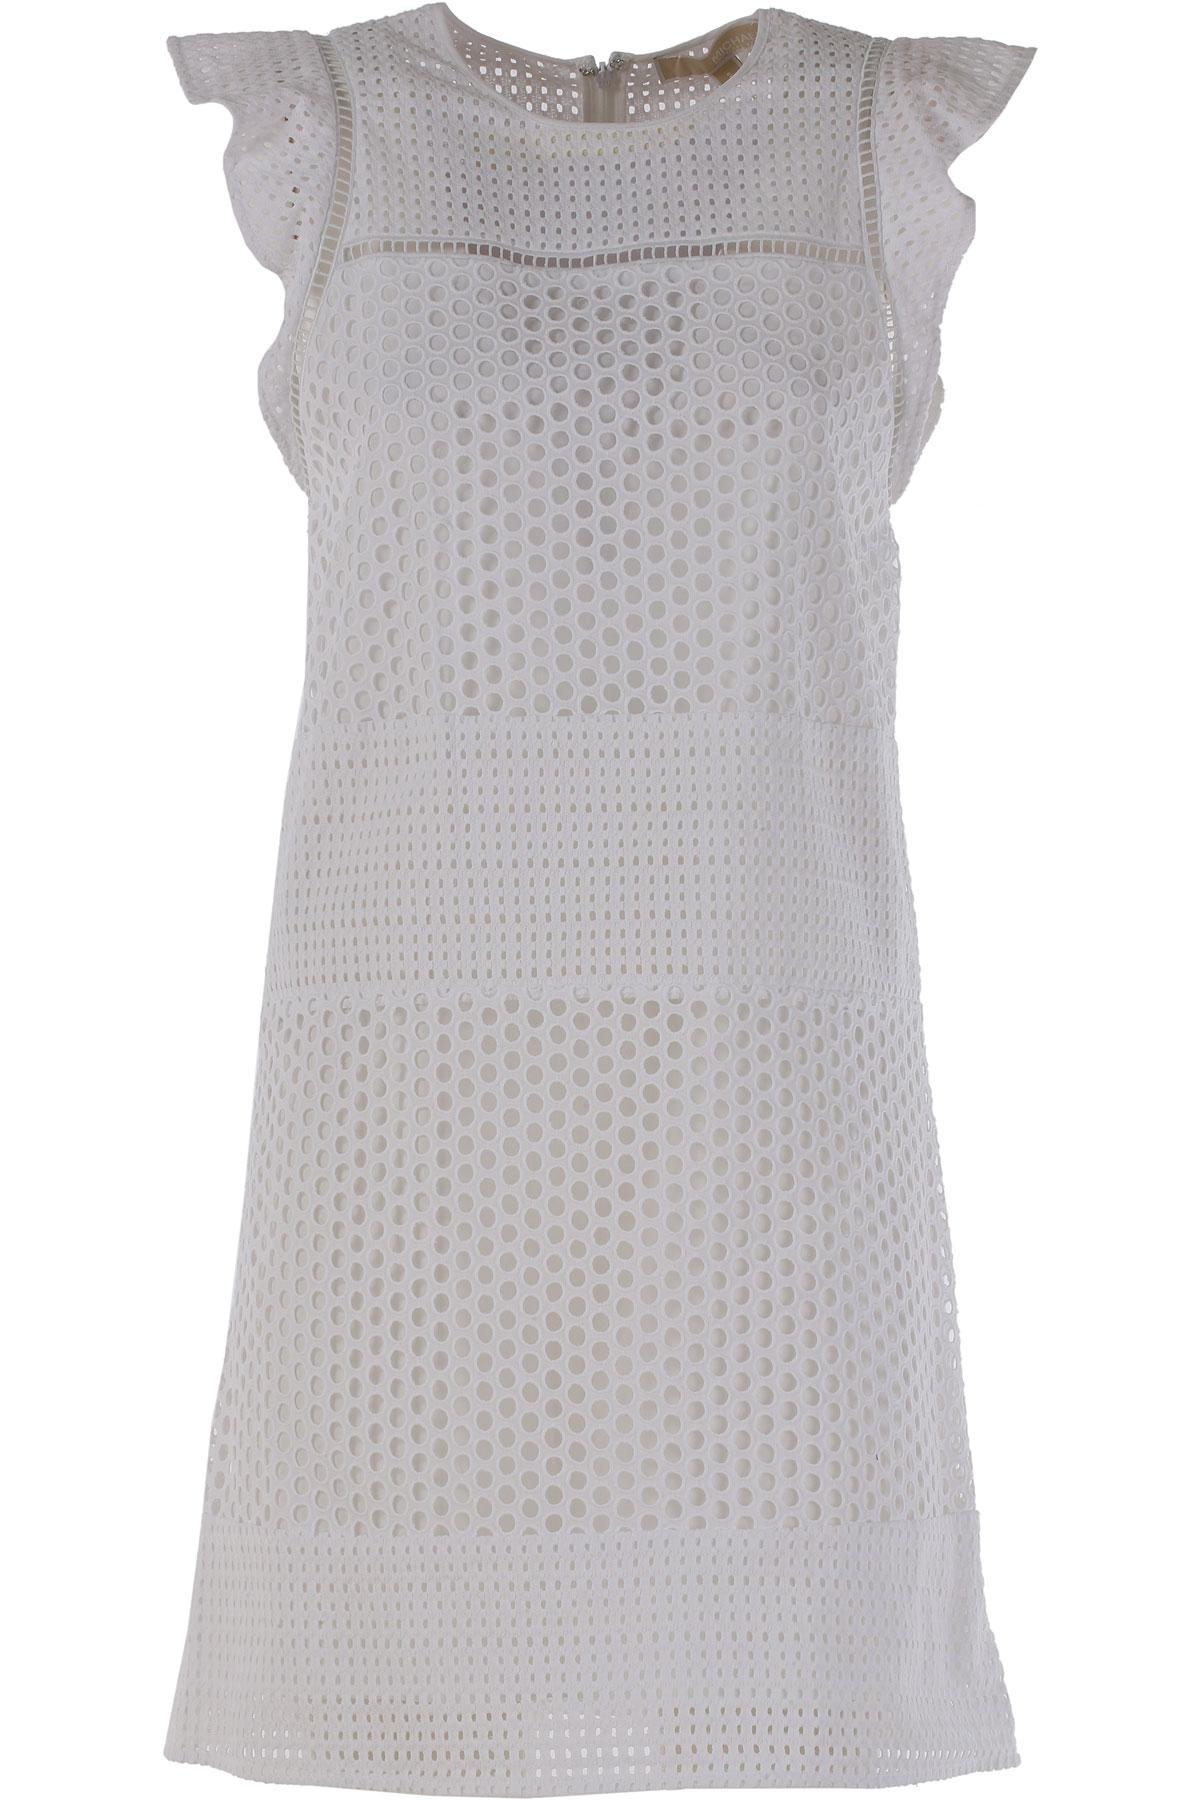 Michael Kors Kleid für Damen Günstig im Outlet Sale, Weiss, Baumwolle, 2017, 38 40